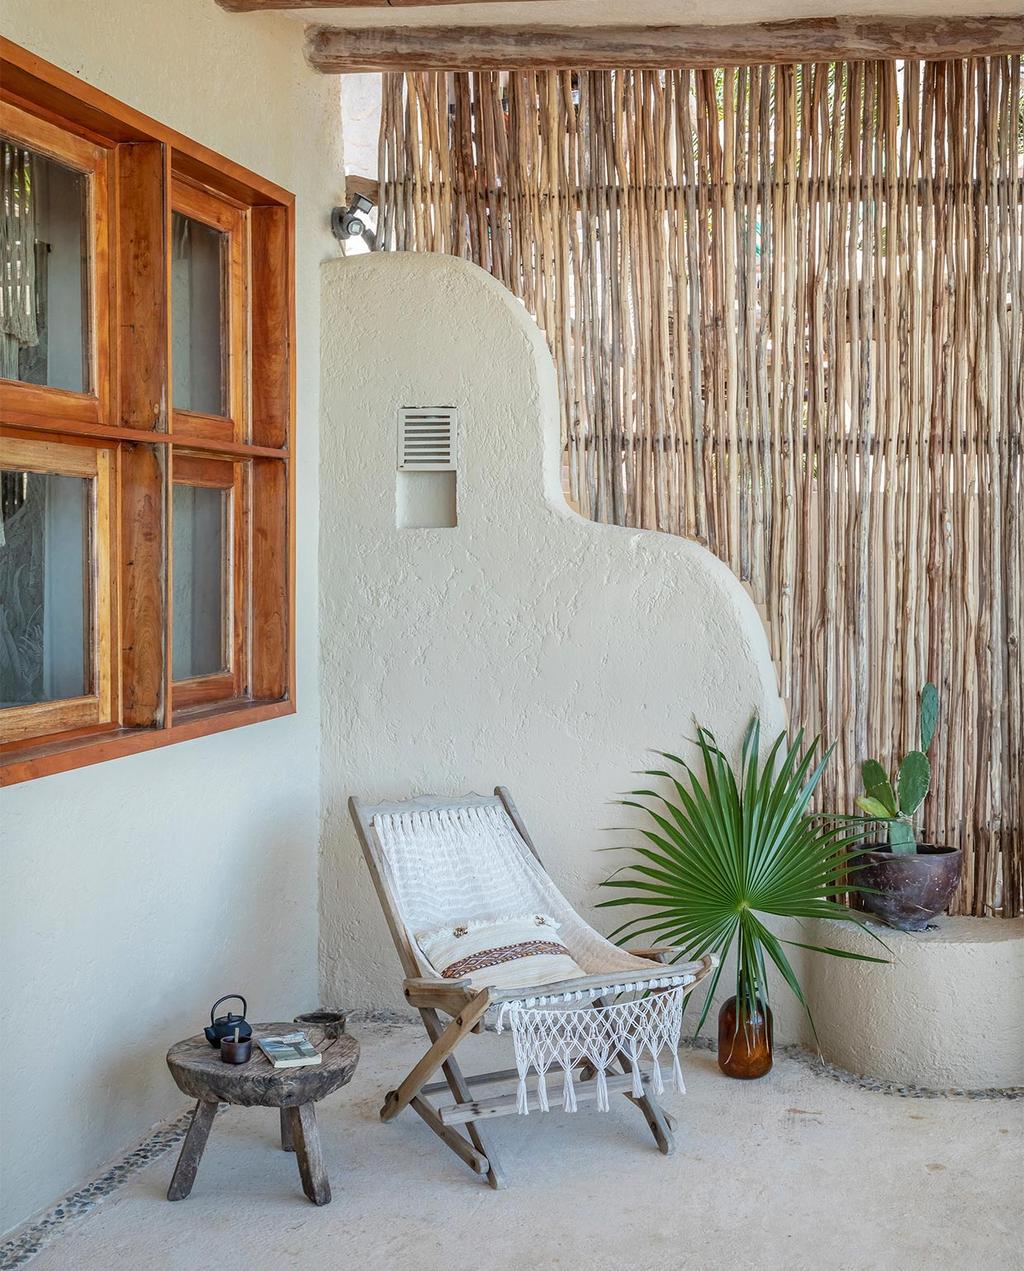 vtwonen casas especiais de verão 07-2021 |  varanda com bambu